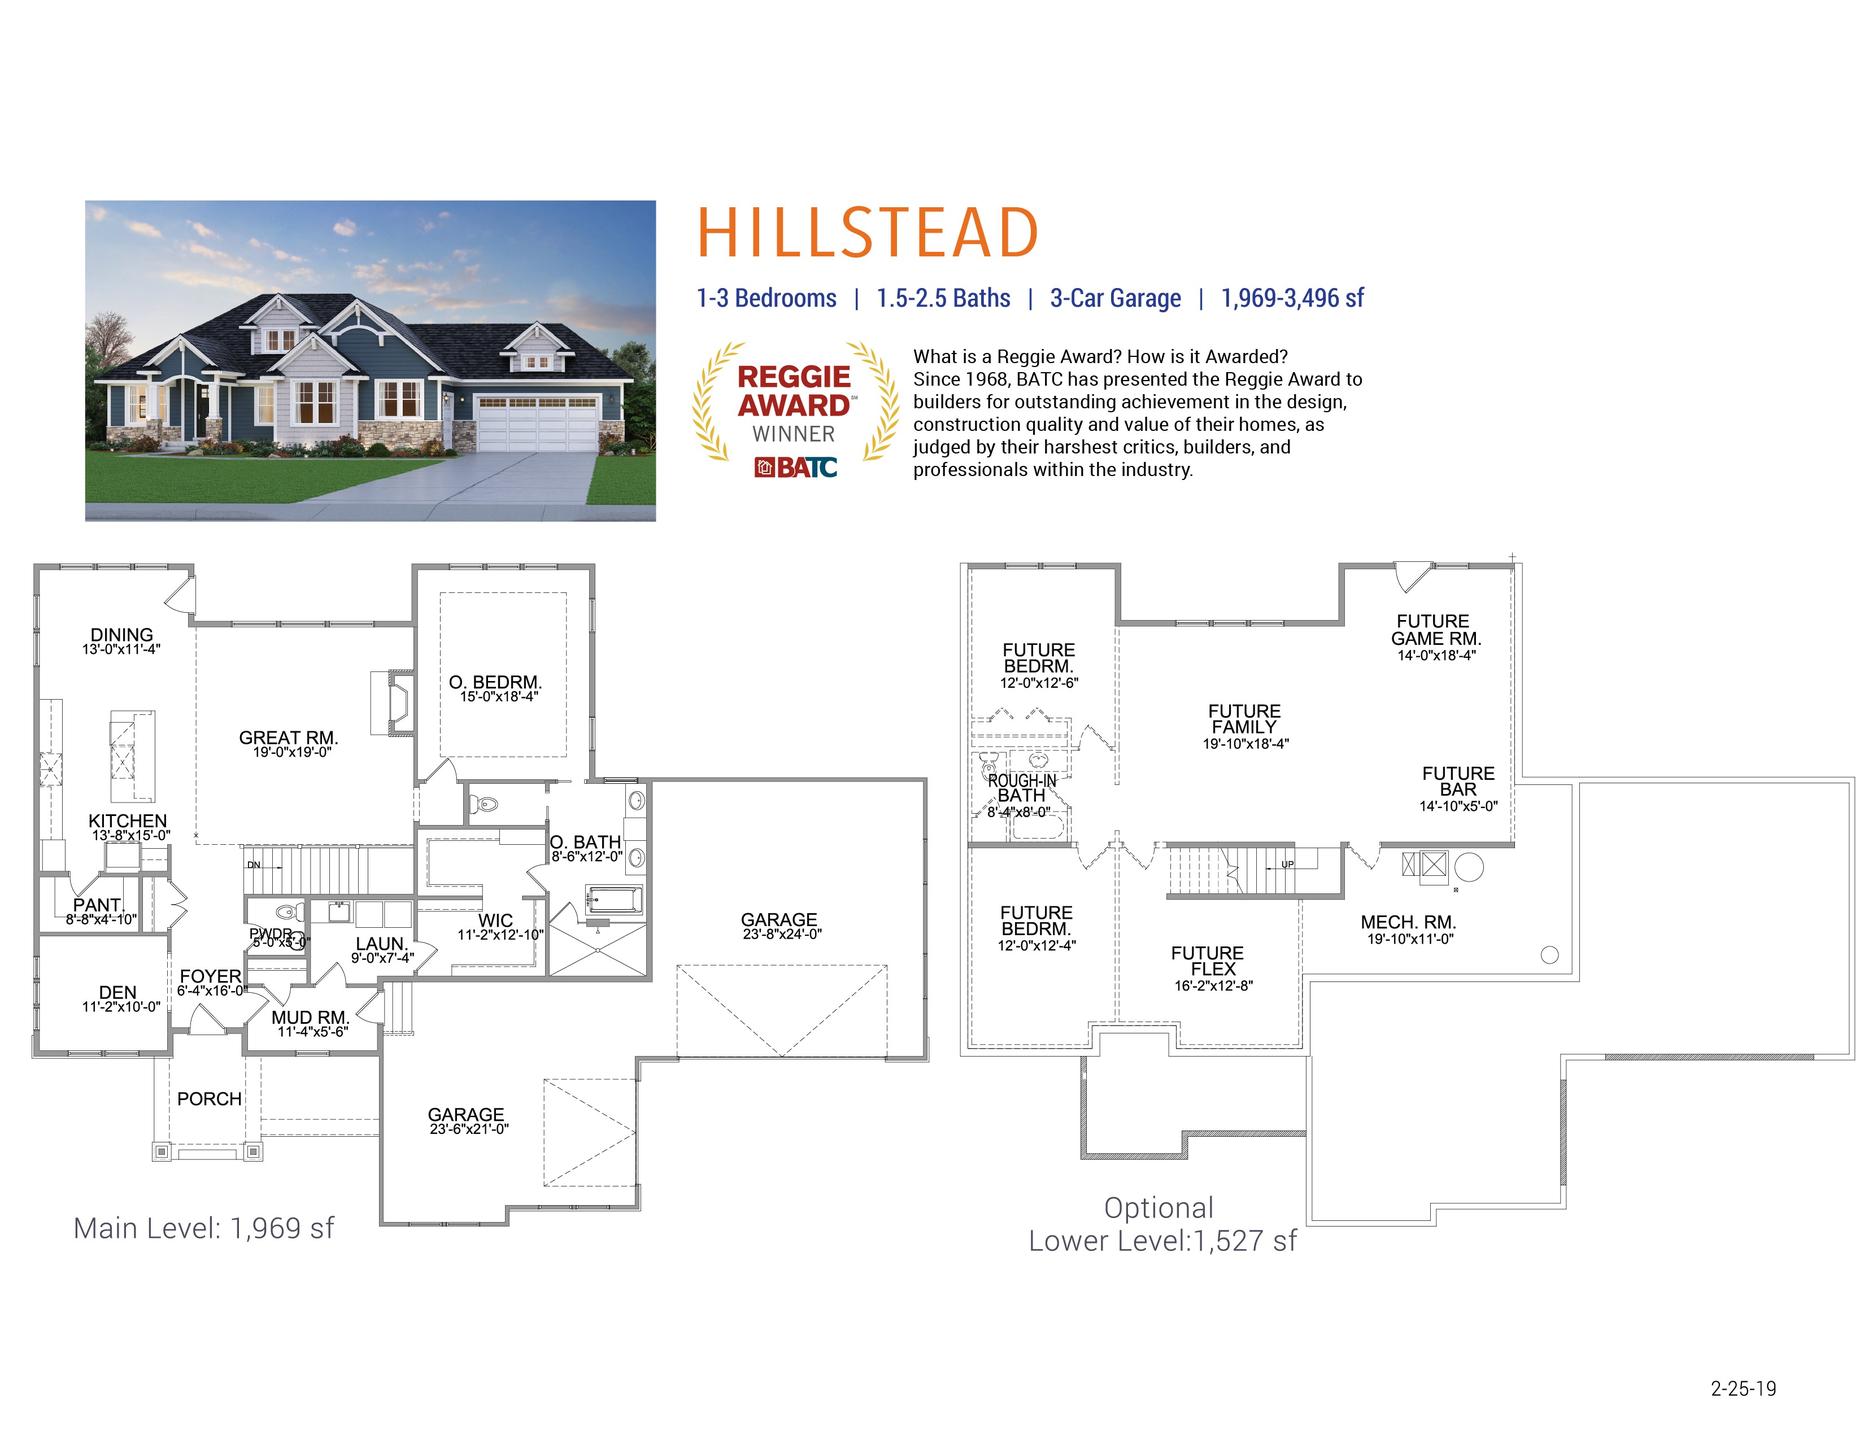 Hillstead